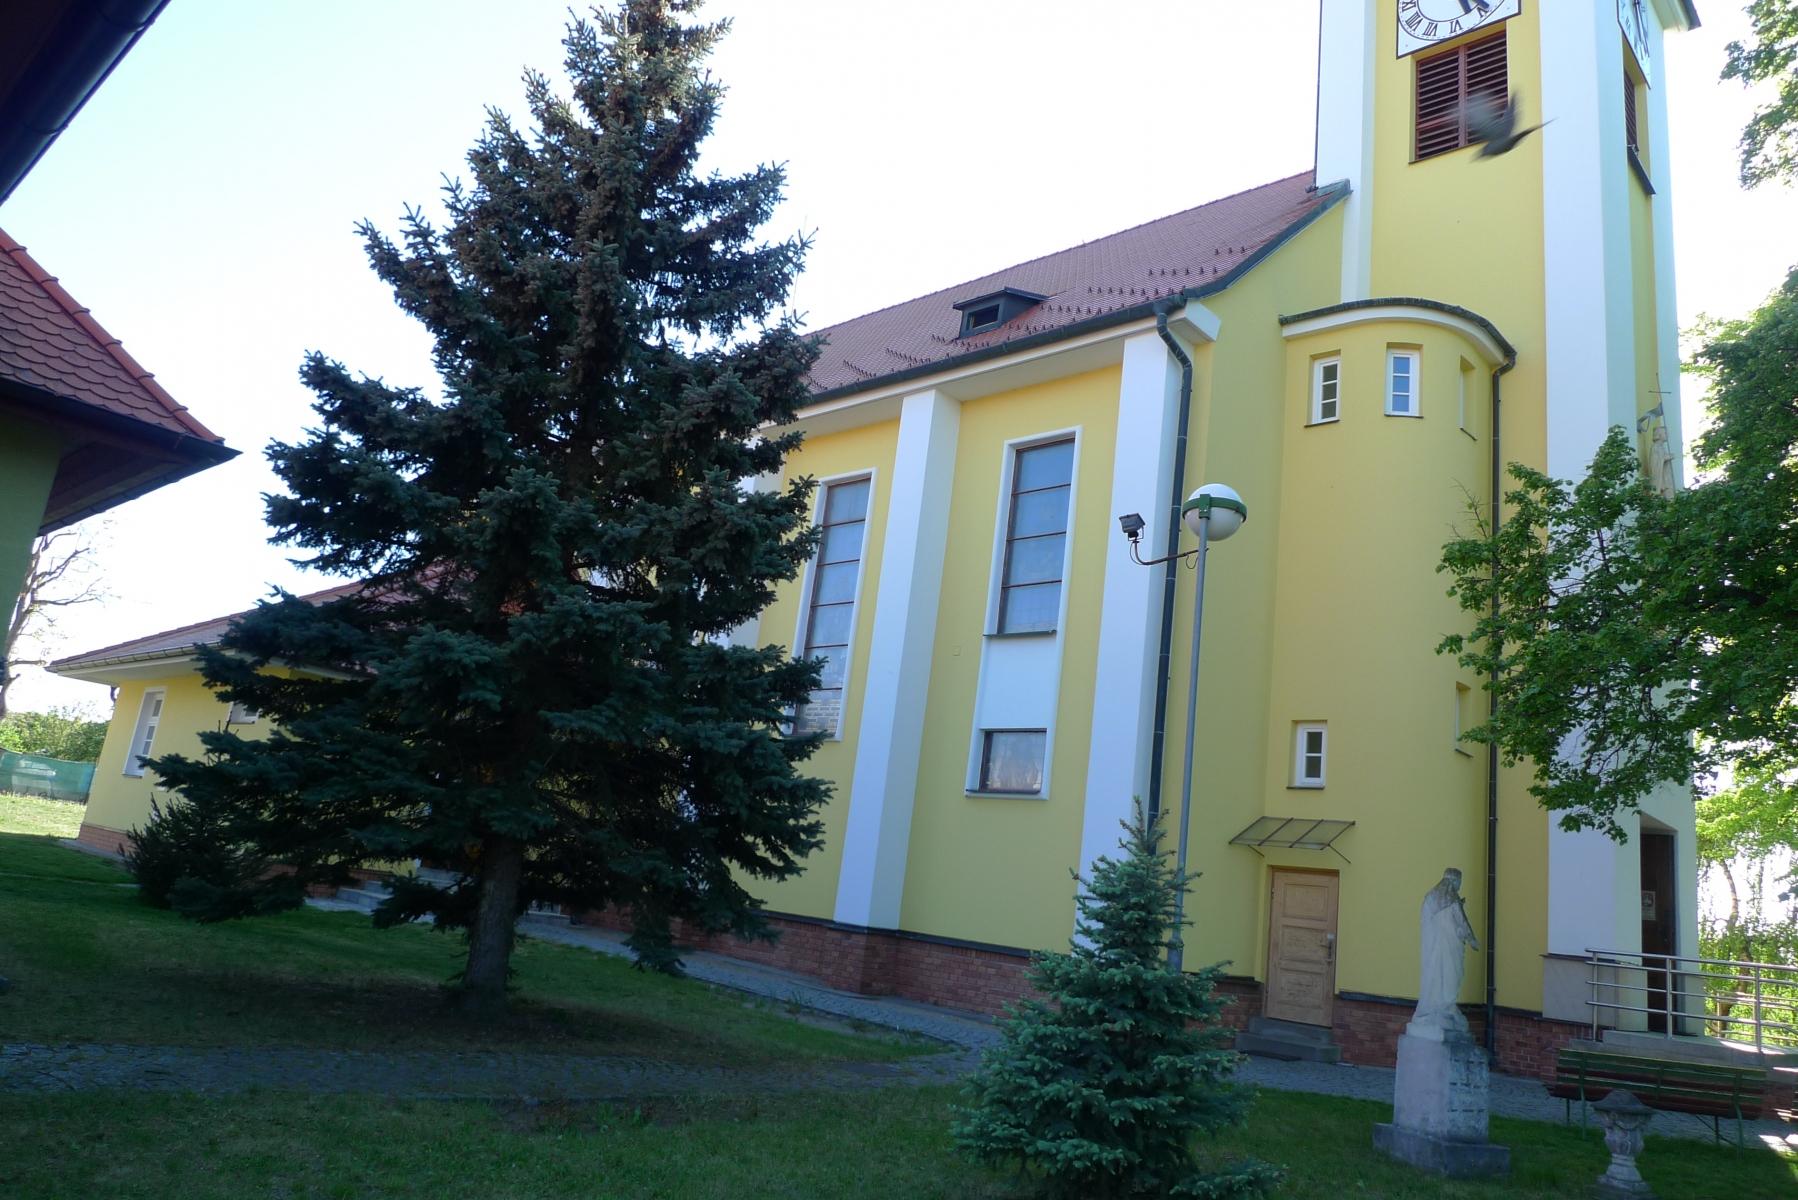 Kostel-a-okolí-64